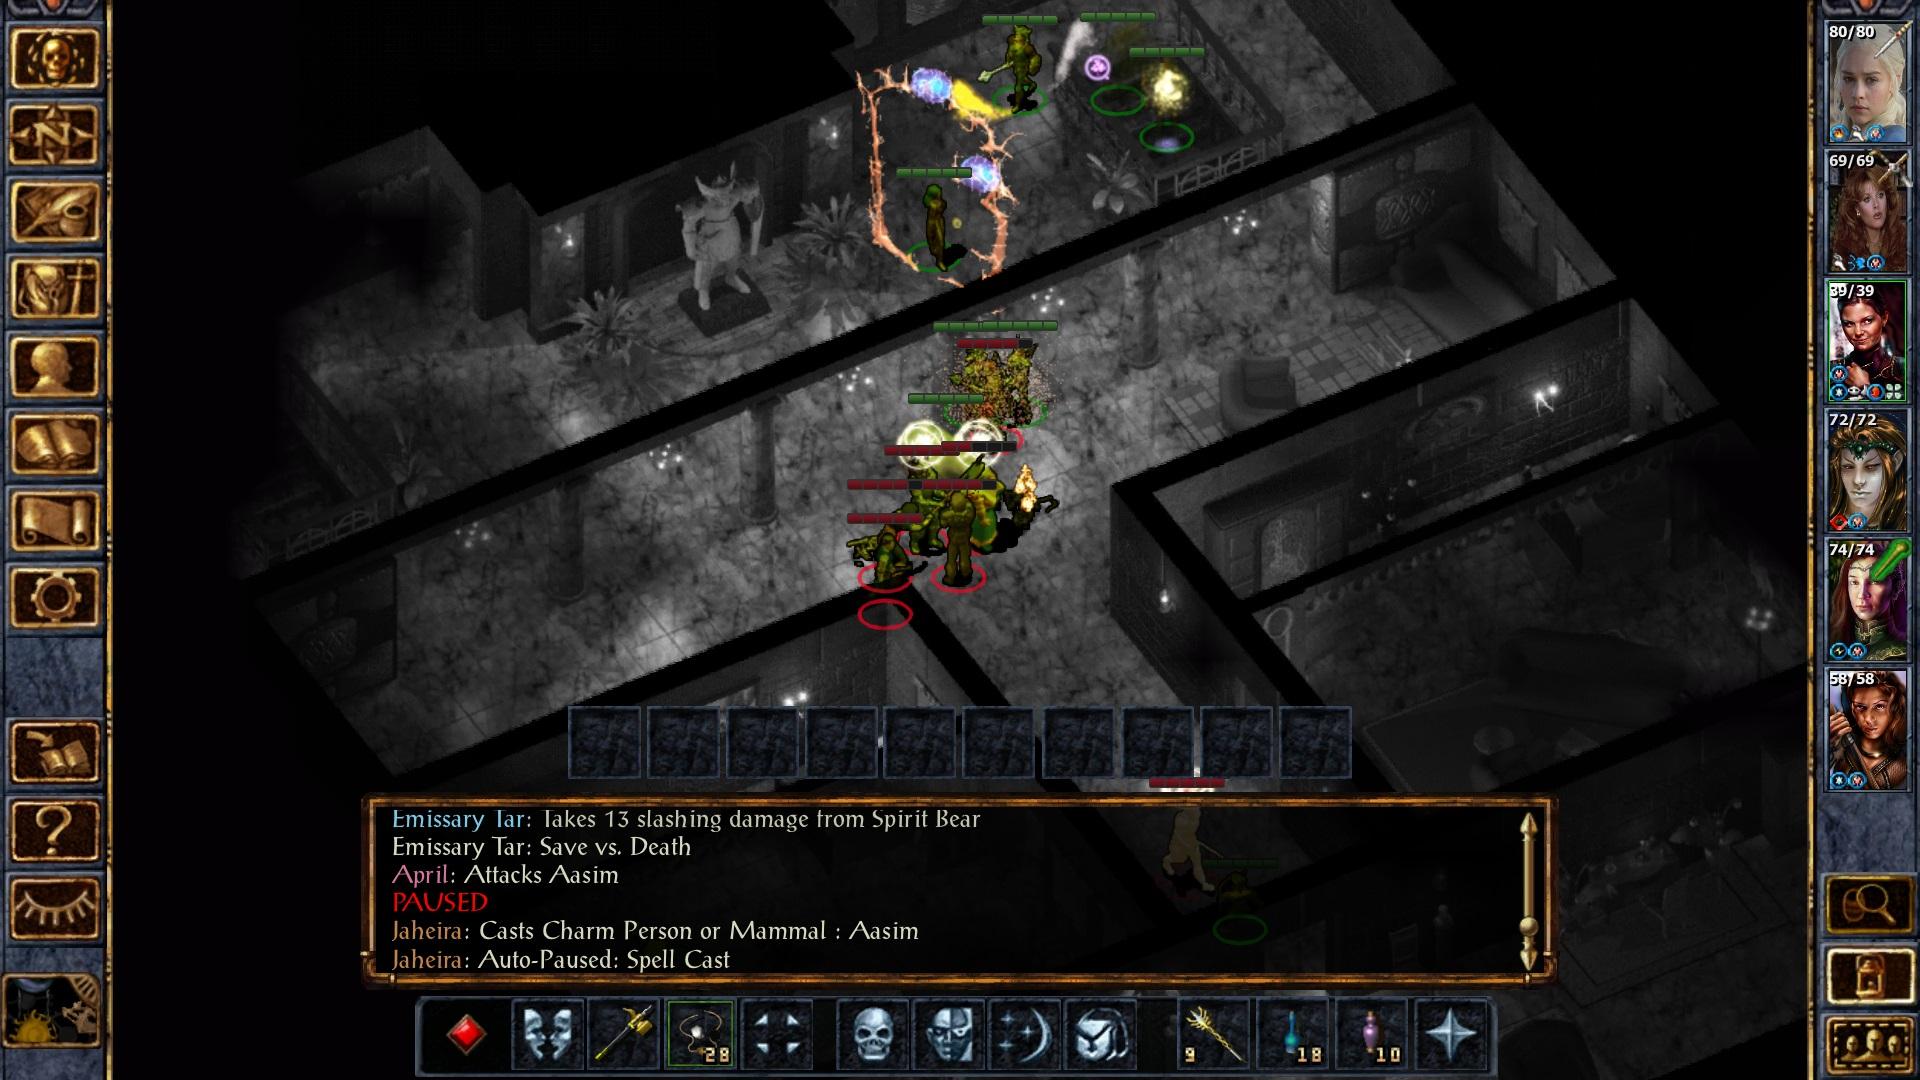 zomkxypod53e.jpg